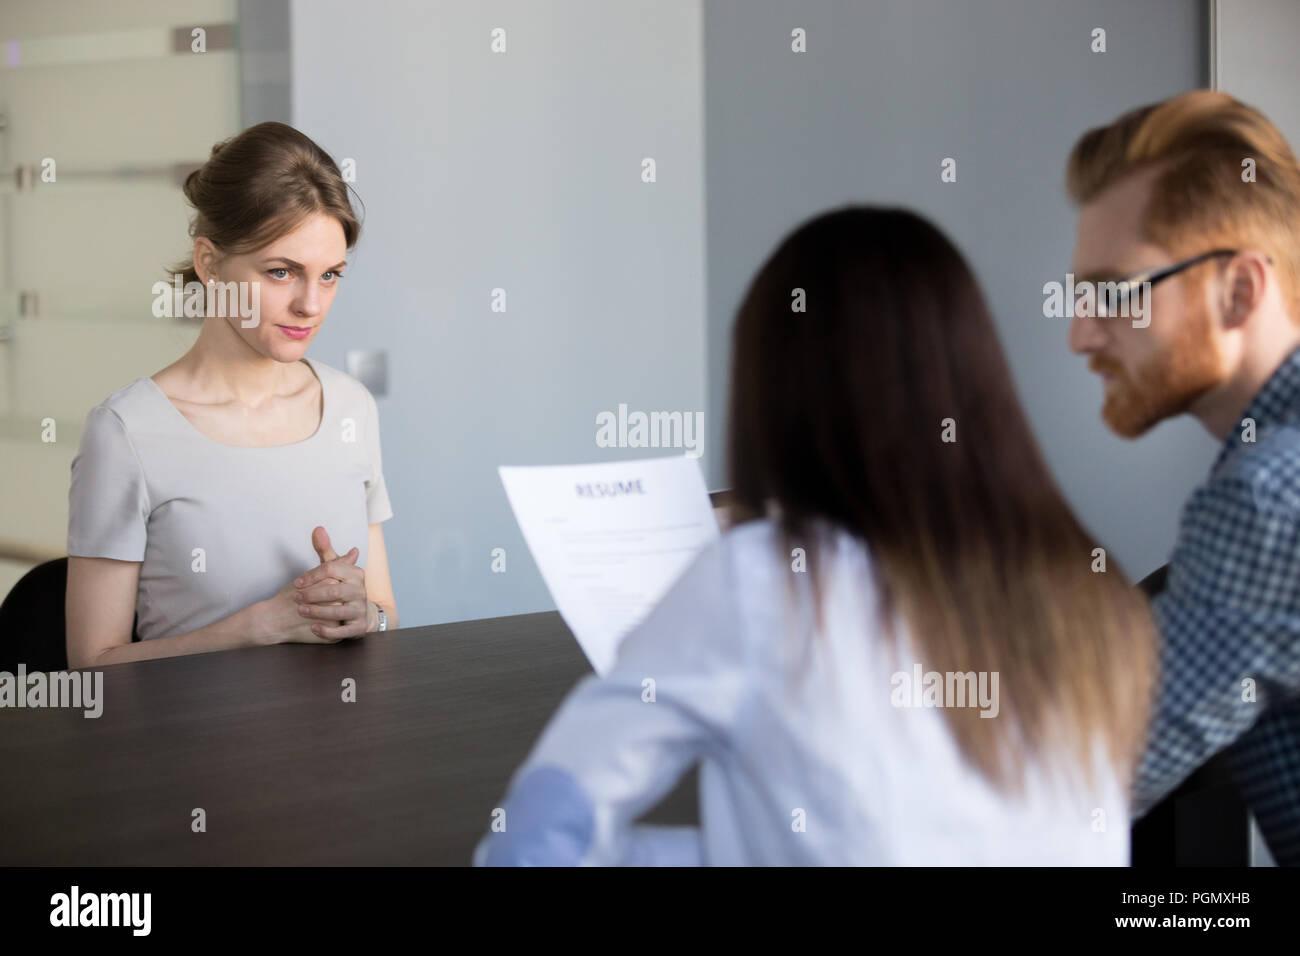 Inquiets employée en attente durant l'entrevue d'emploi Banque D'Images